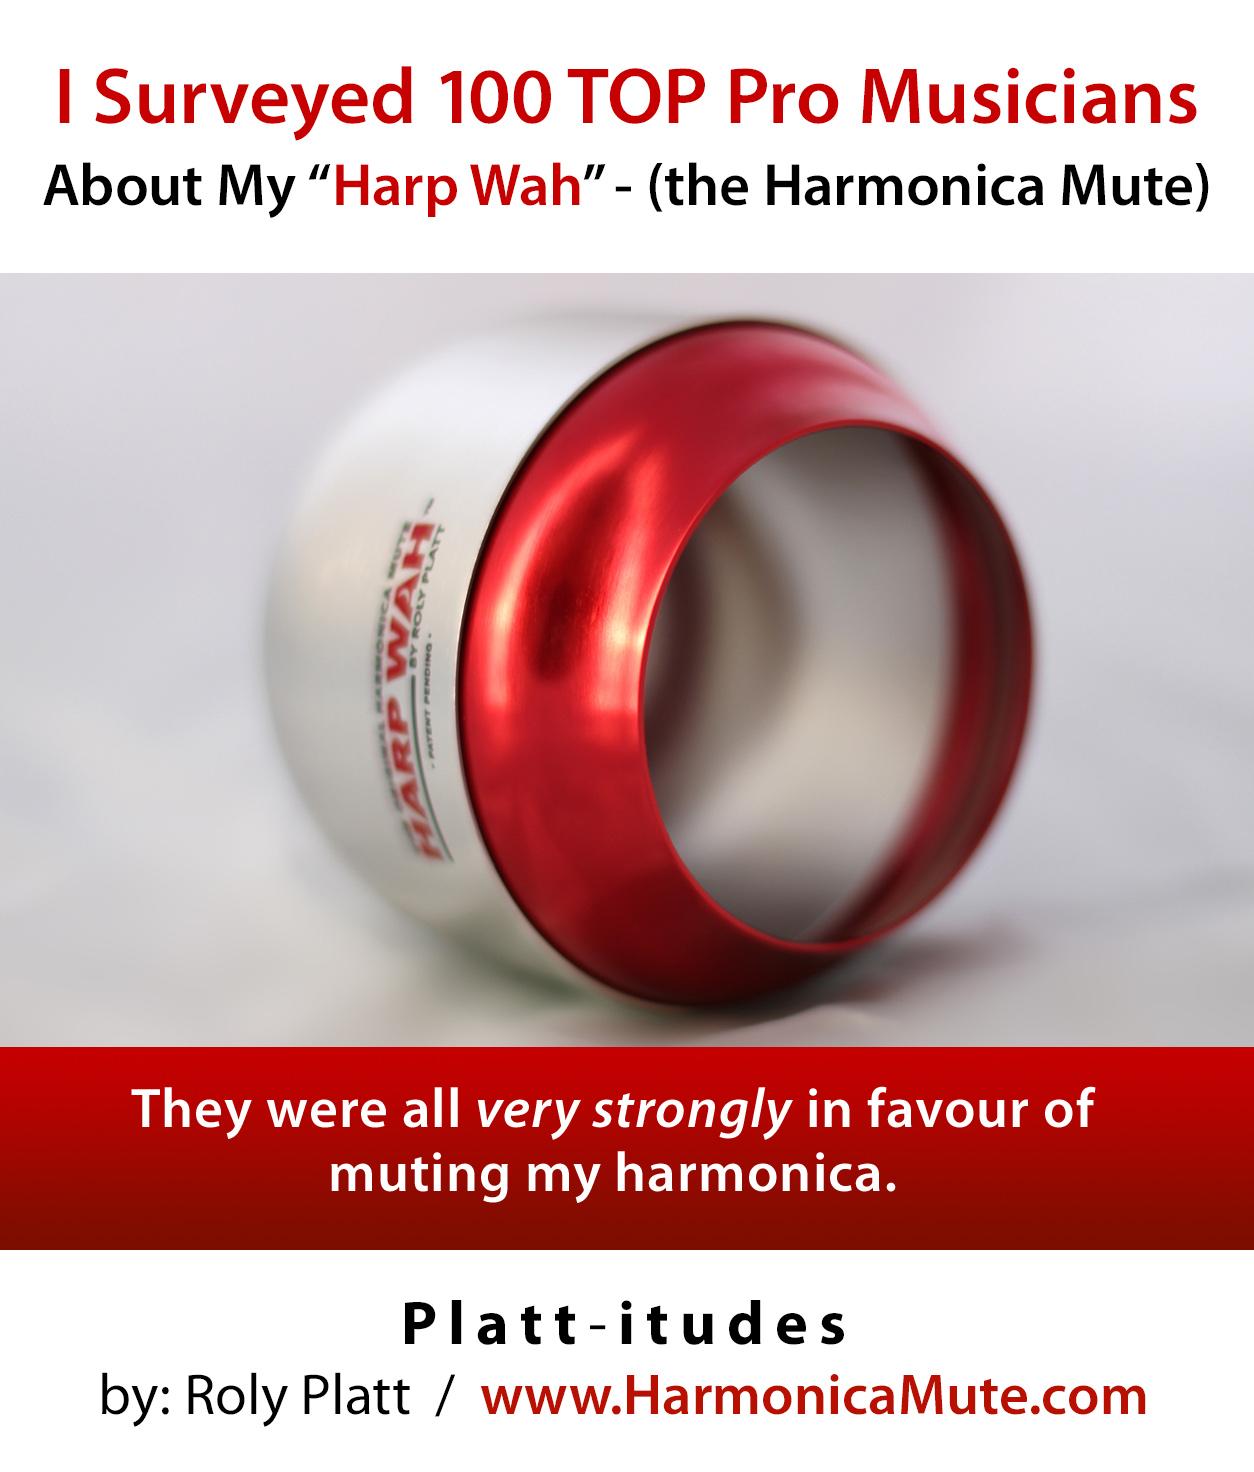 Harmonica Mute